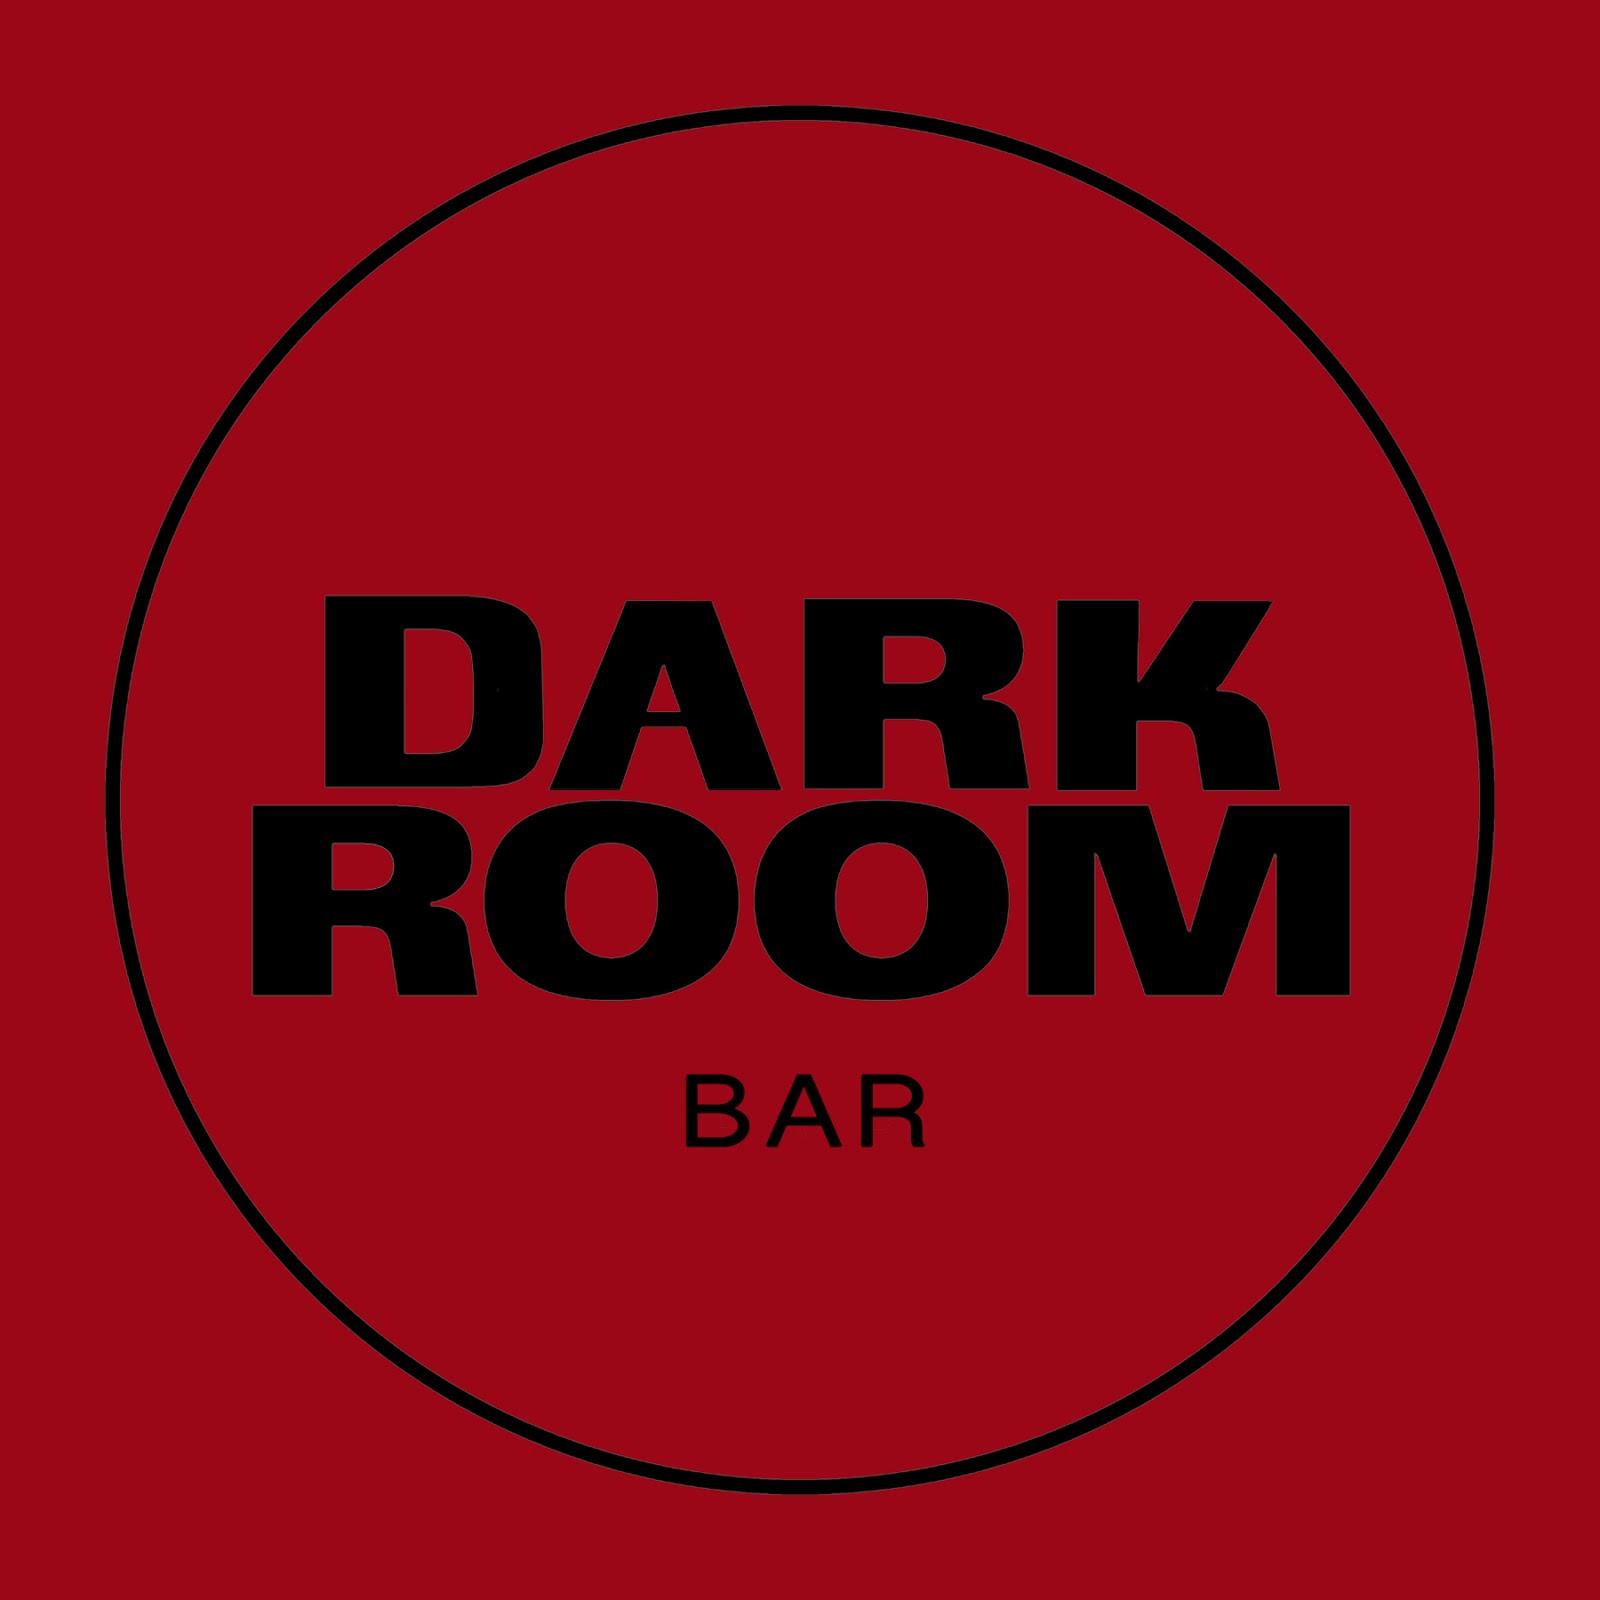 「DARK ROOM 名古屋」の画像検索結果